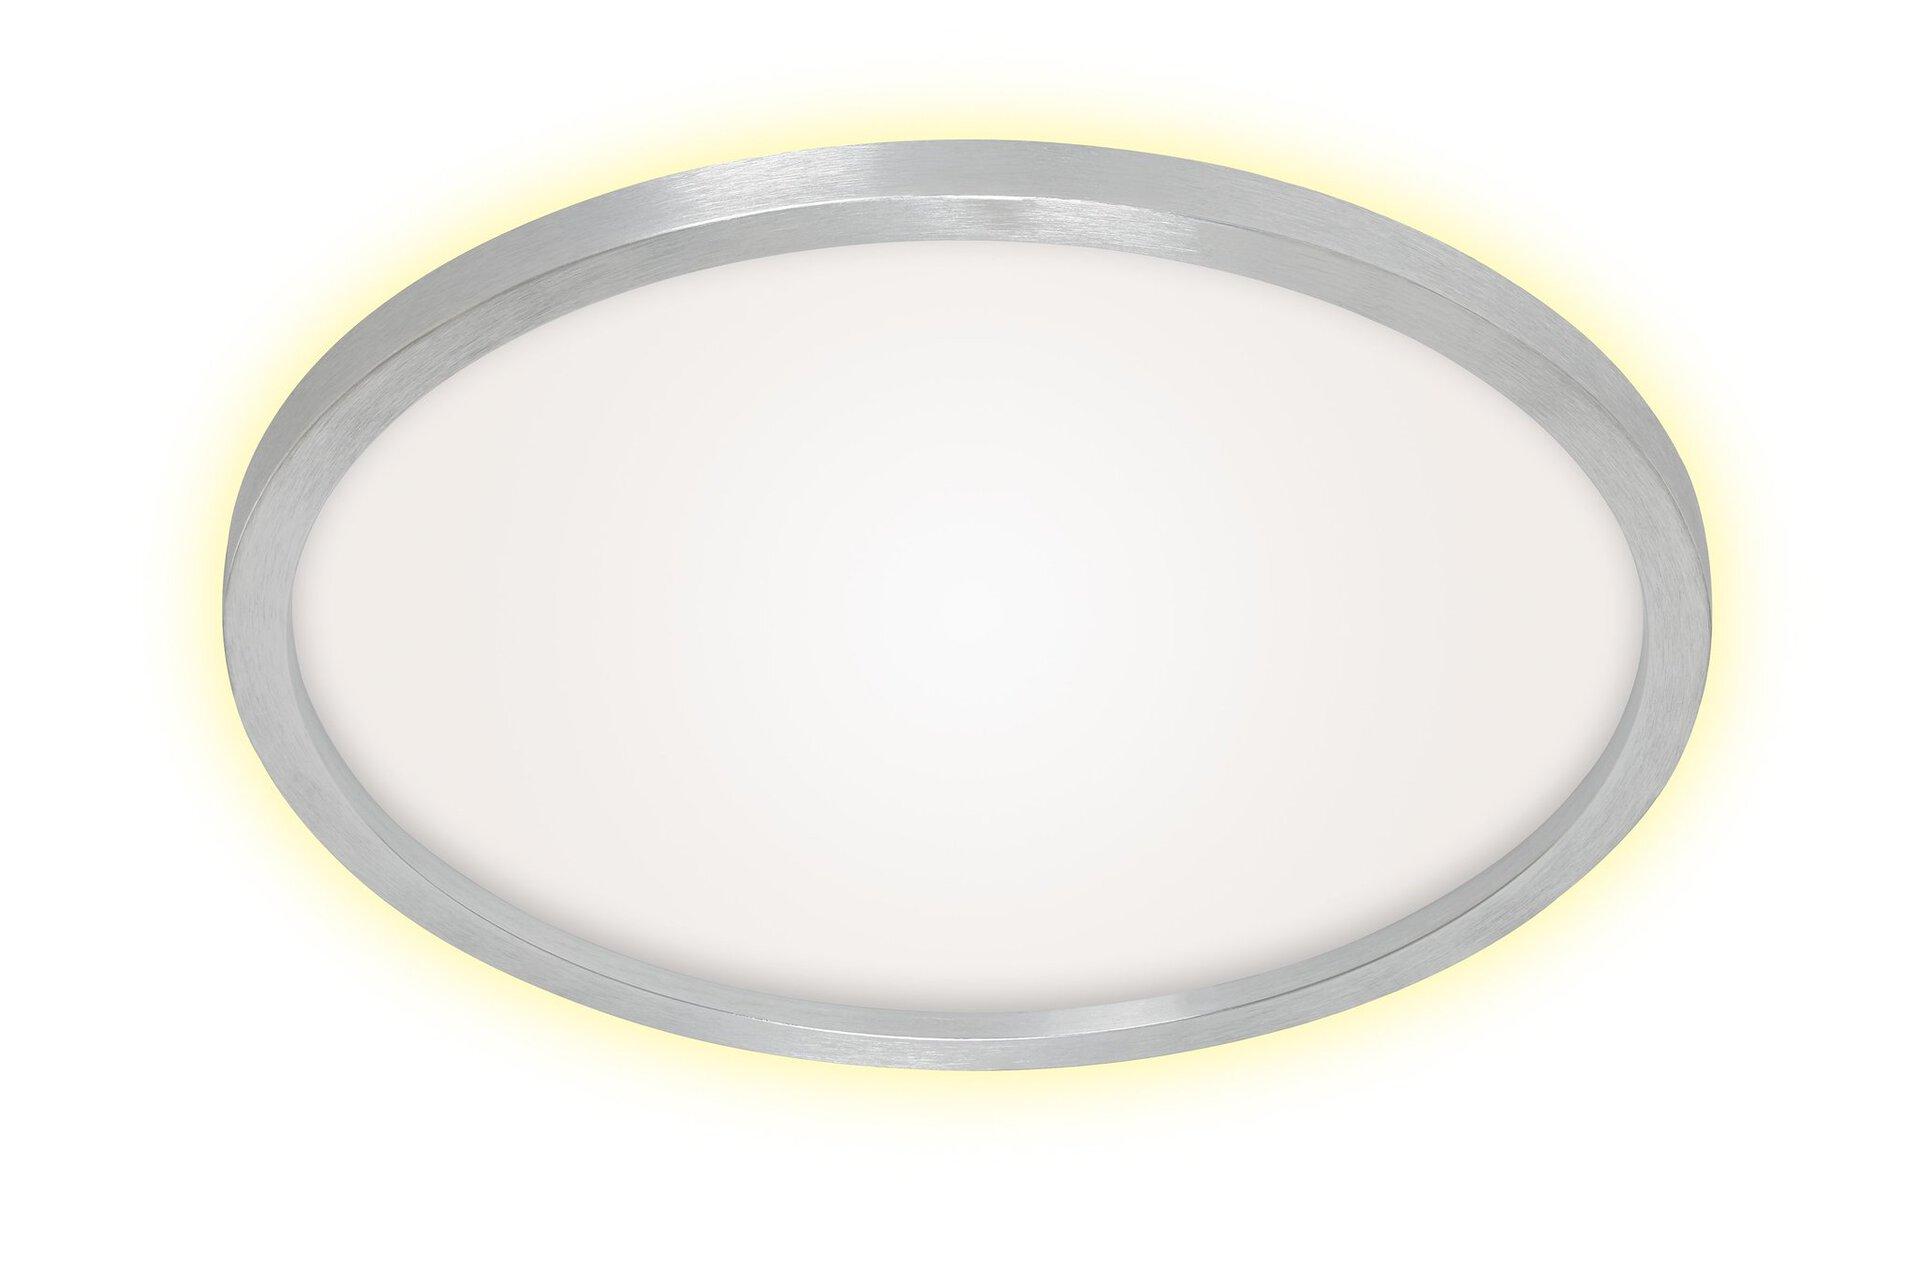 Deckenleuchte CADRE Briloner Metall silber 43 x 3 x 43 cm